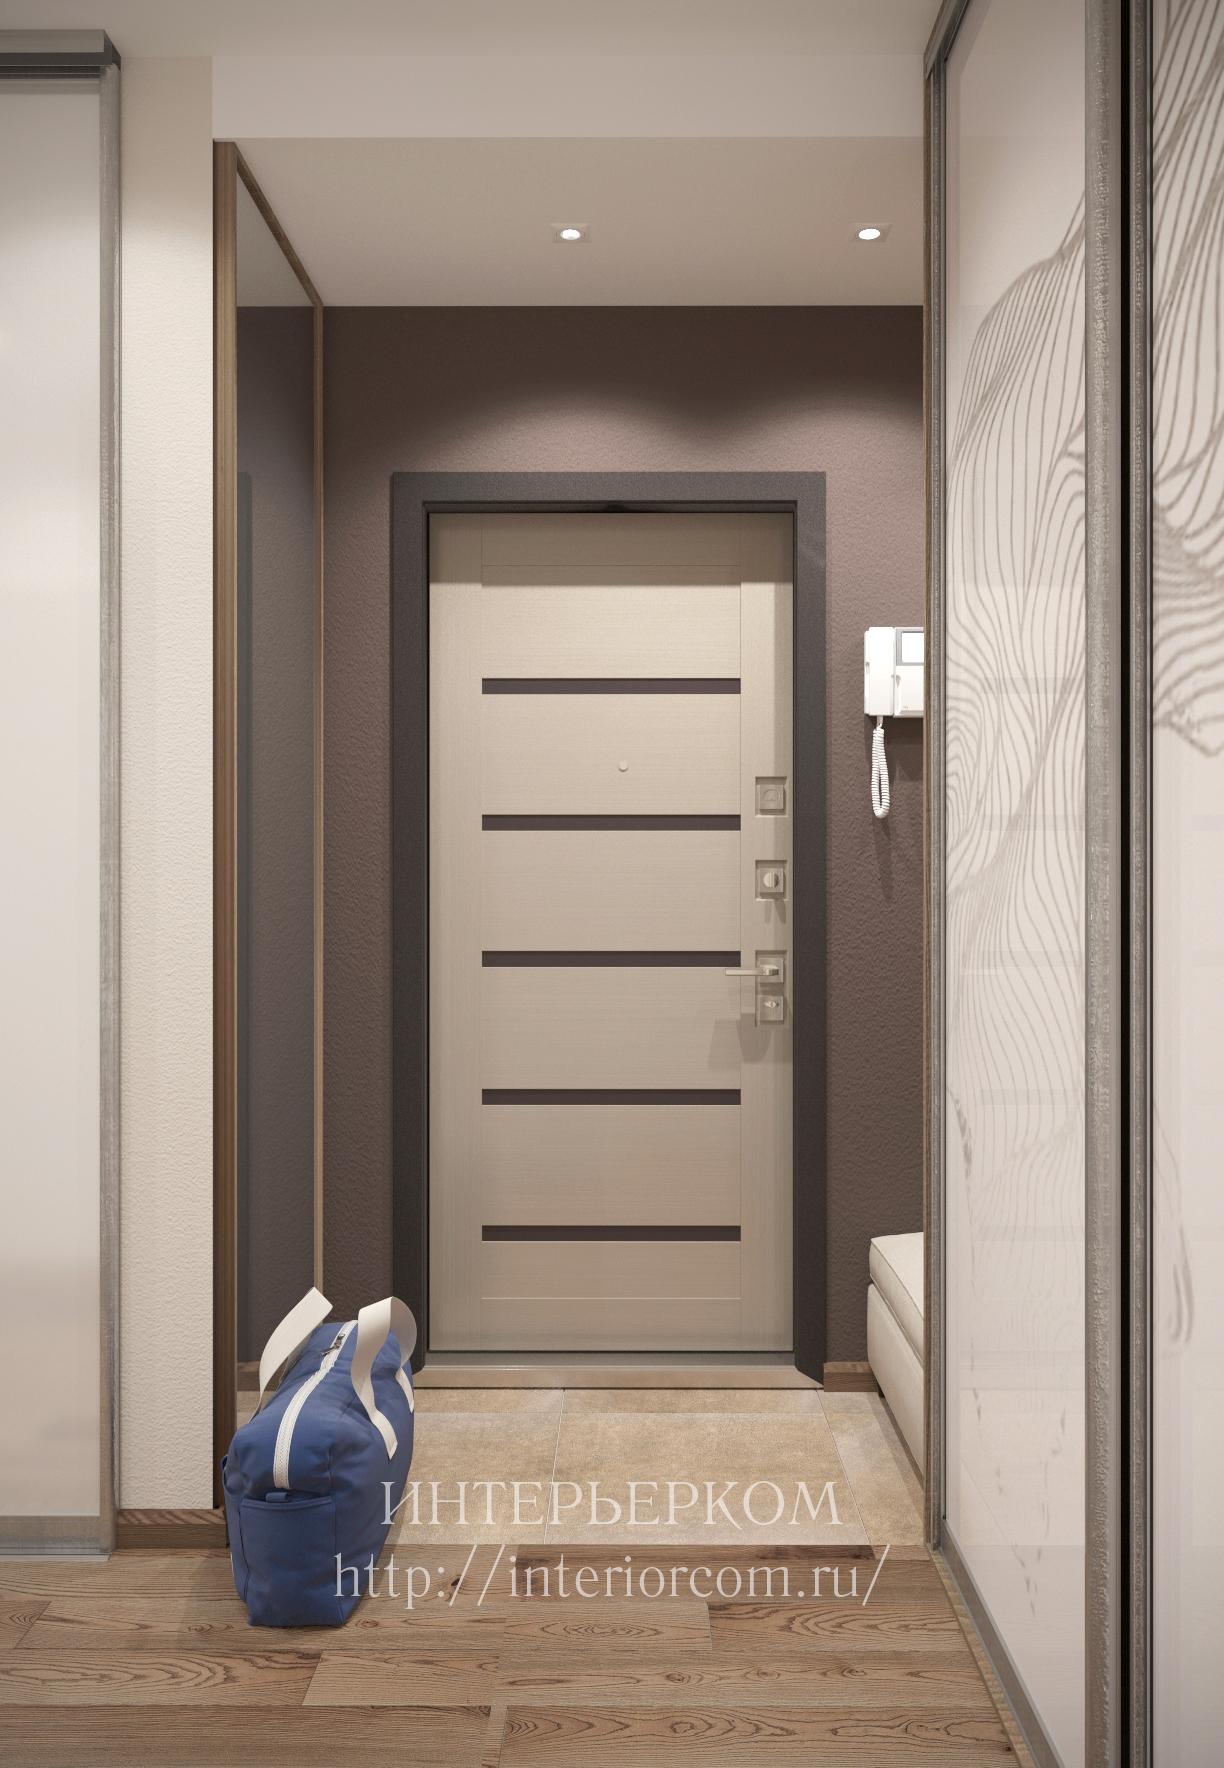 дизайн прихожей и коридора фото из портфолио студии интерьерком